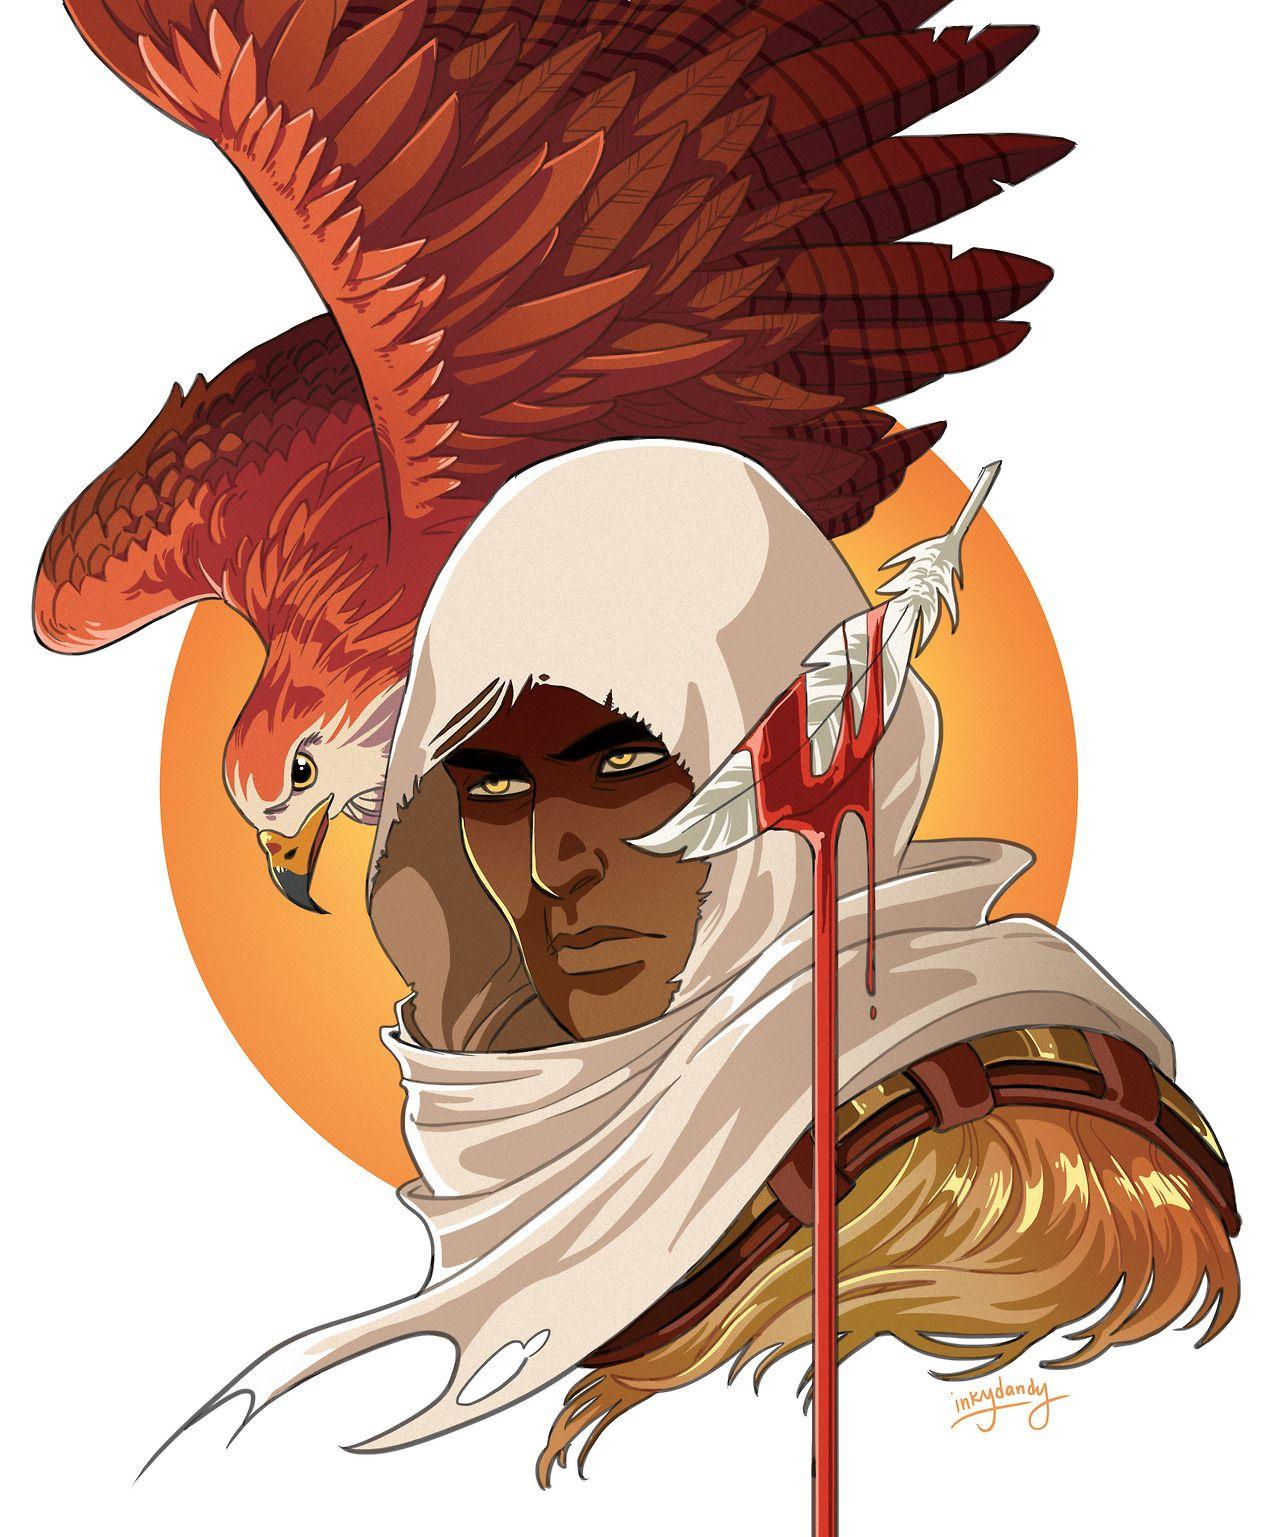 Bayek Senu Assassin S Creed Origins Assassins Creed Artwork Assassins Creed Art Assassins Creed